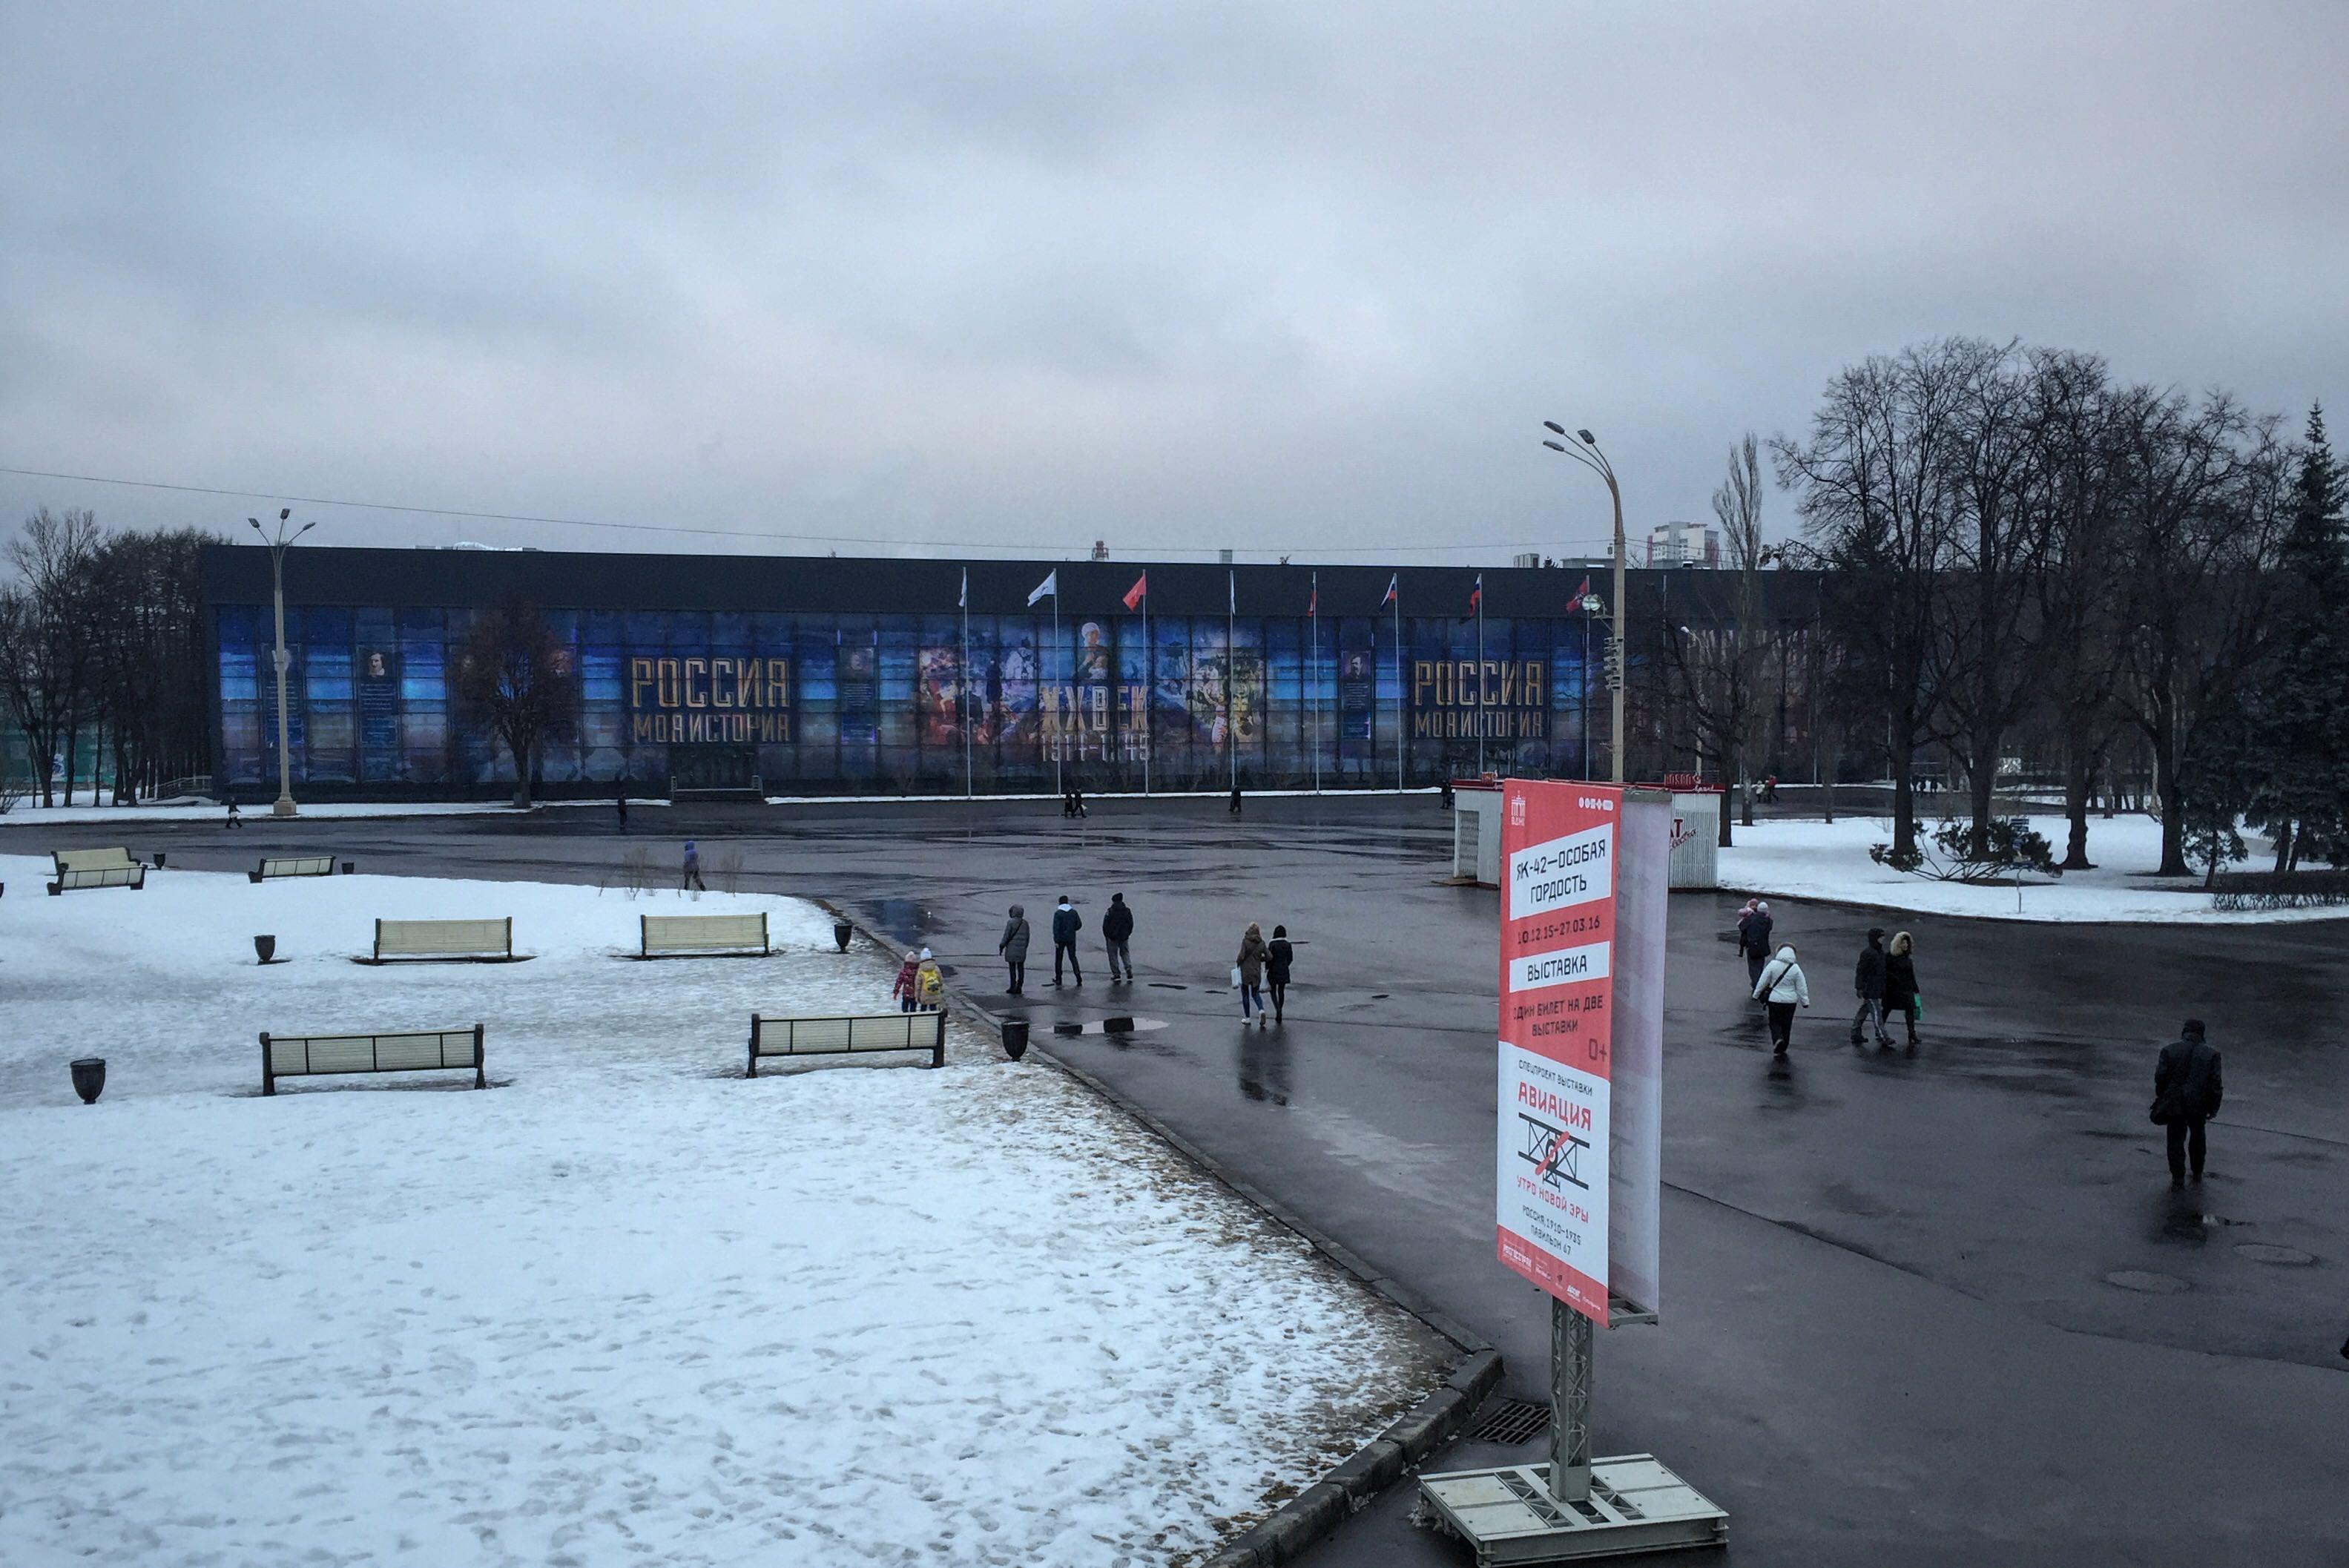 """Pavilhão 57 do VDNKh é um enorme e moderno museu com o tema """"Rússia é minha história""""."""